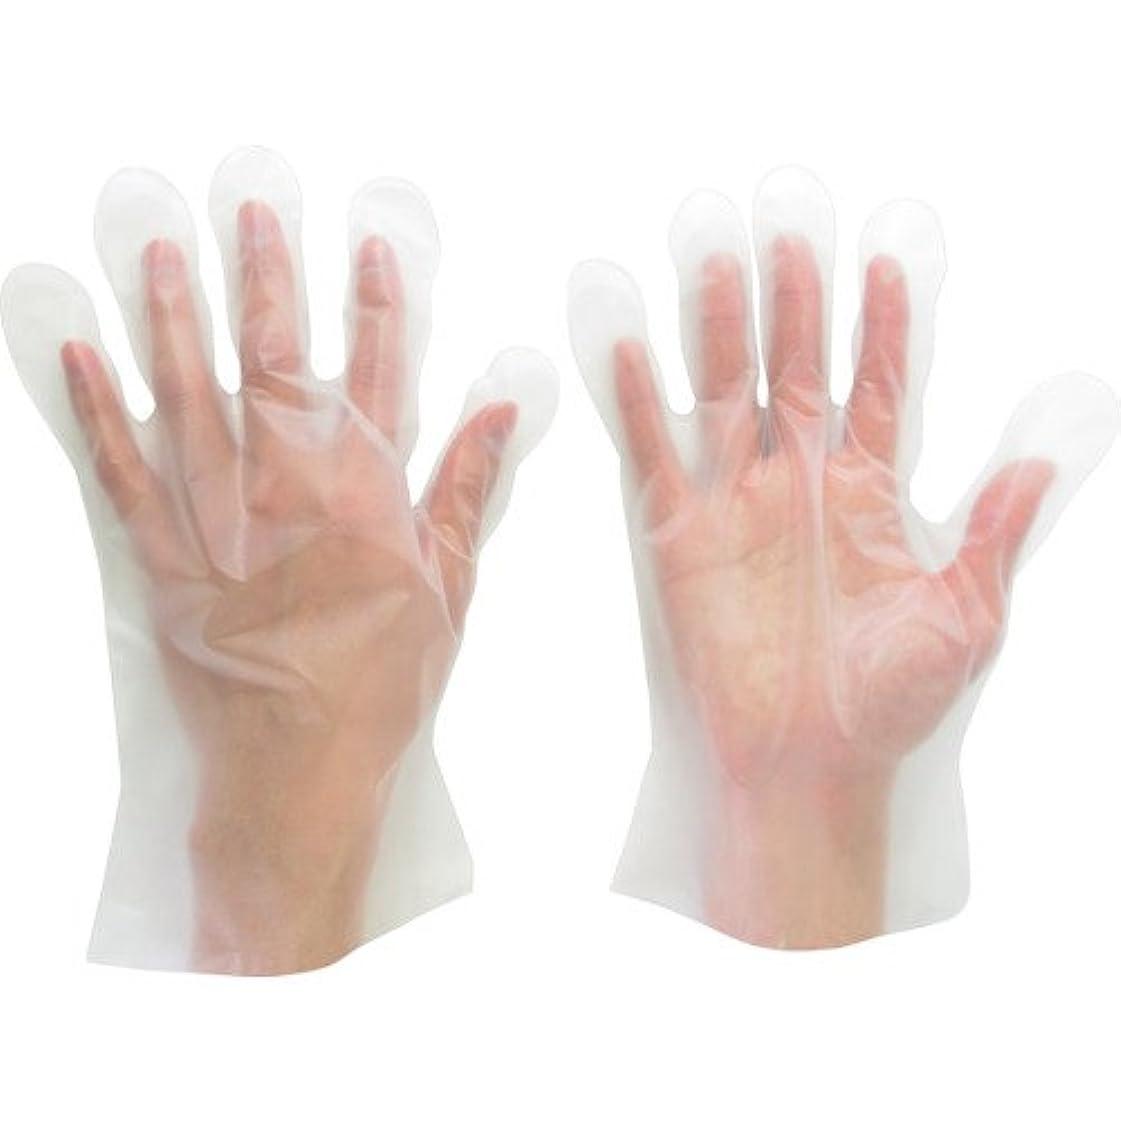 ぞっとするような毎週咳ミドリ安全 ポリエチレンディスポ手袋 ベルテ573 100枚 袋入 M(入数:100枚) VERTE-573-M